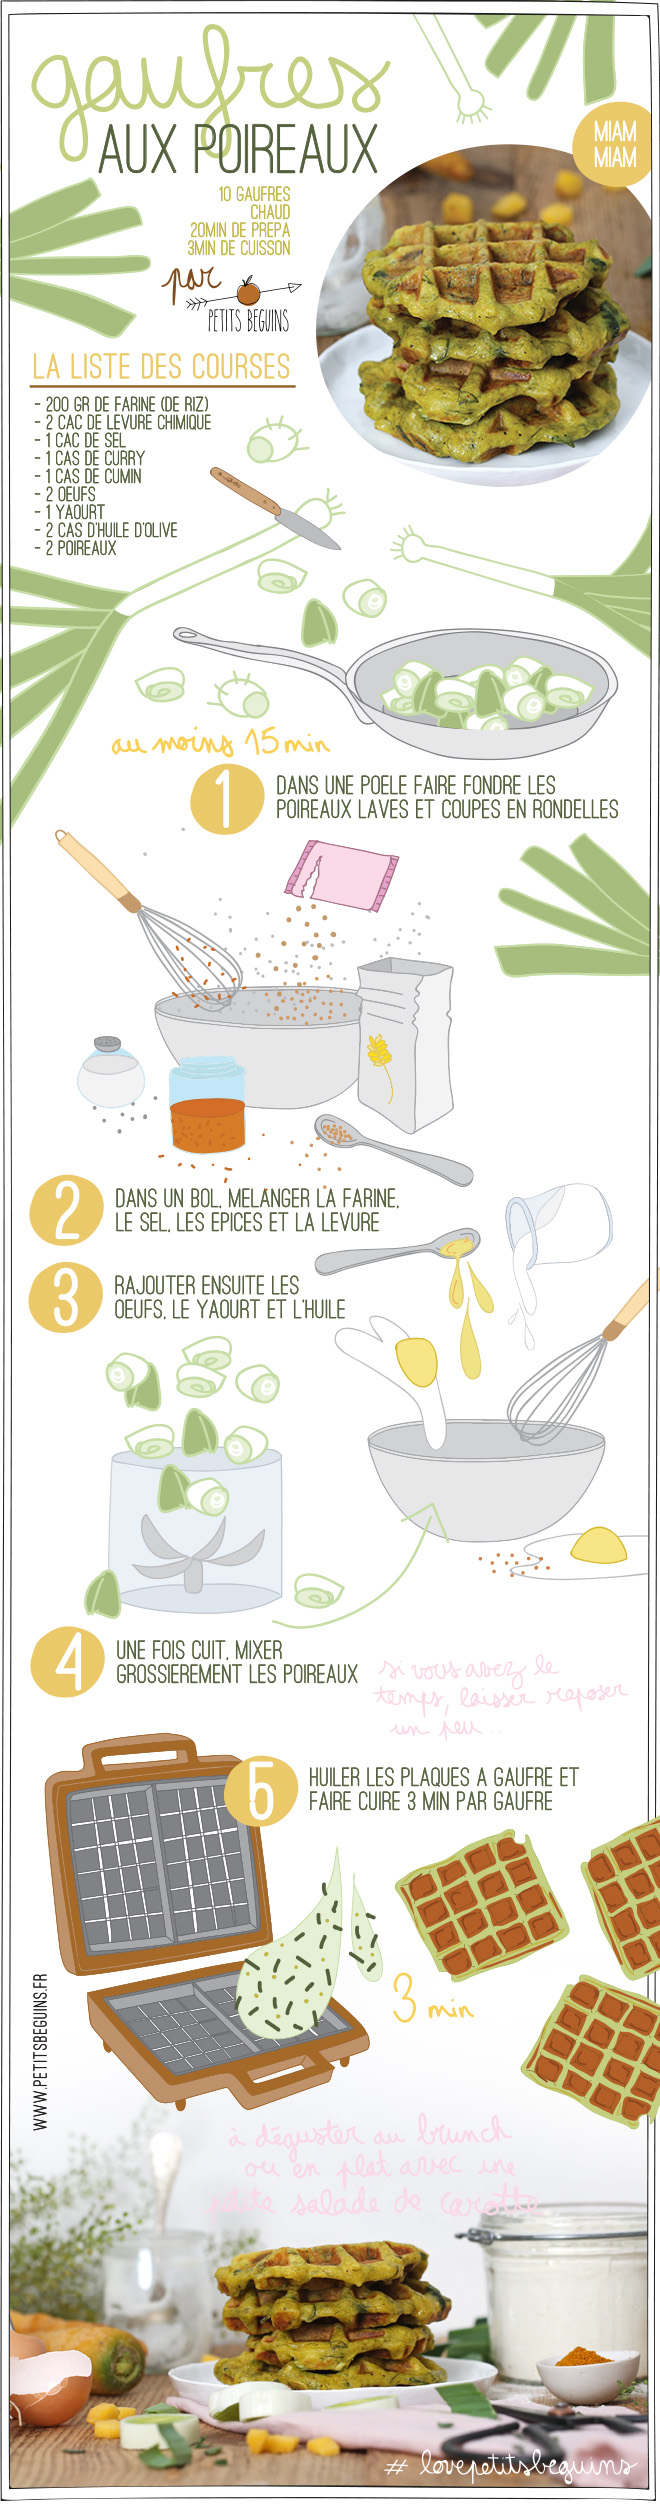 Gaufres aux poireaux - Recette veggie - Gourmandise - Petits Béguins